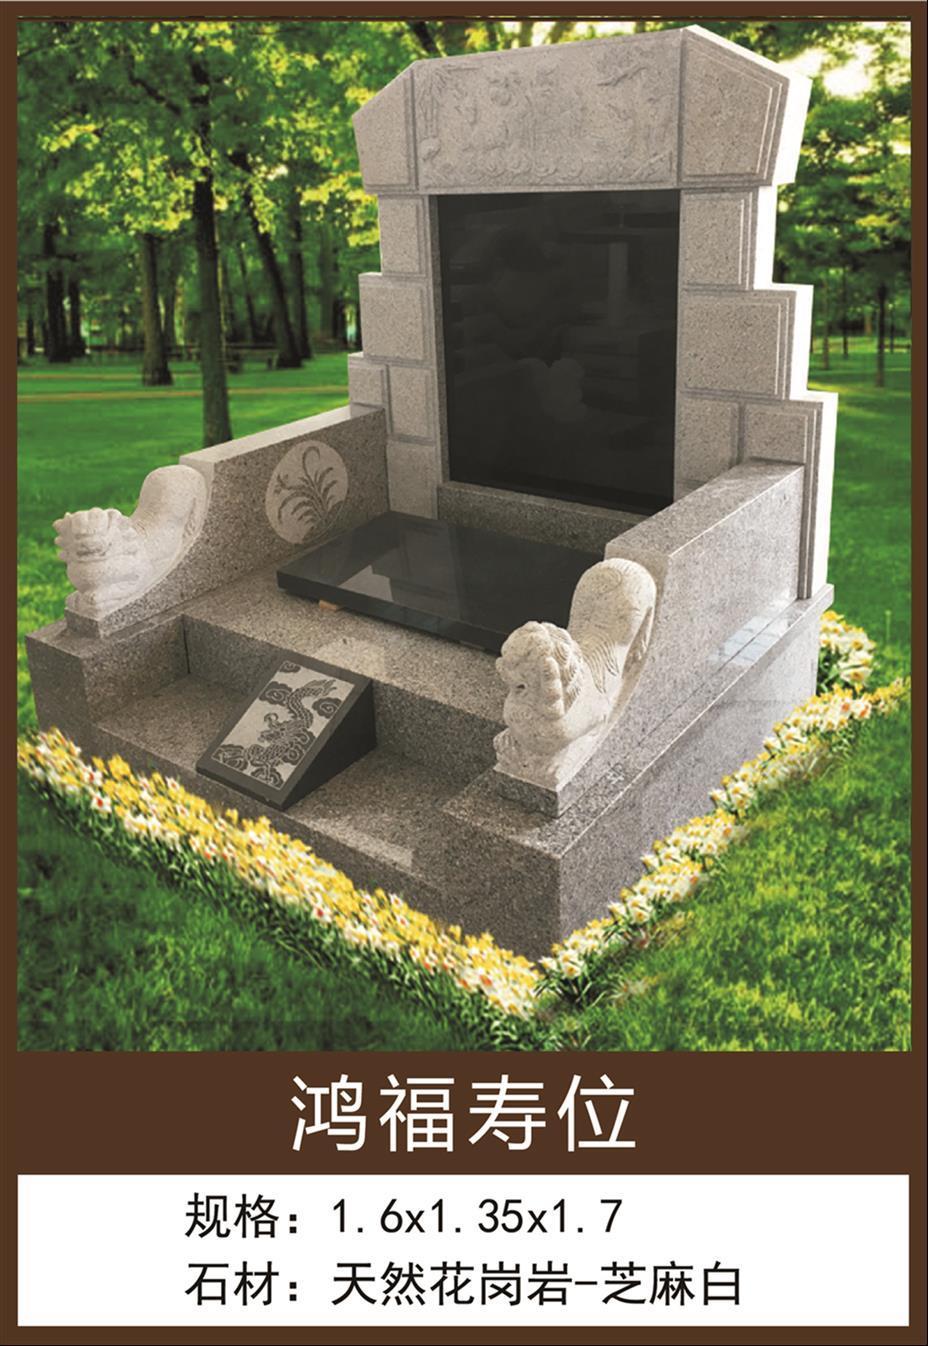 新疆福寿园公墓电话